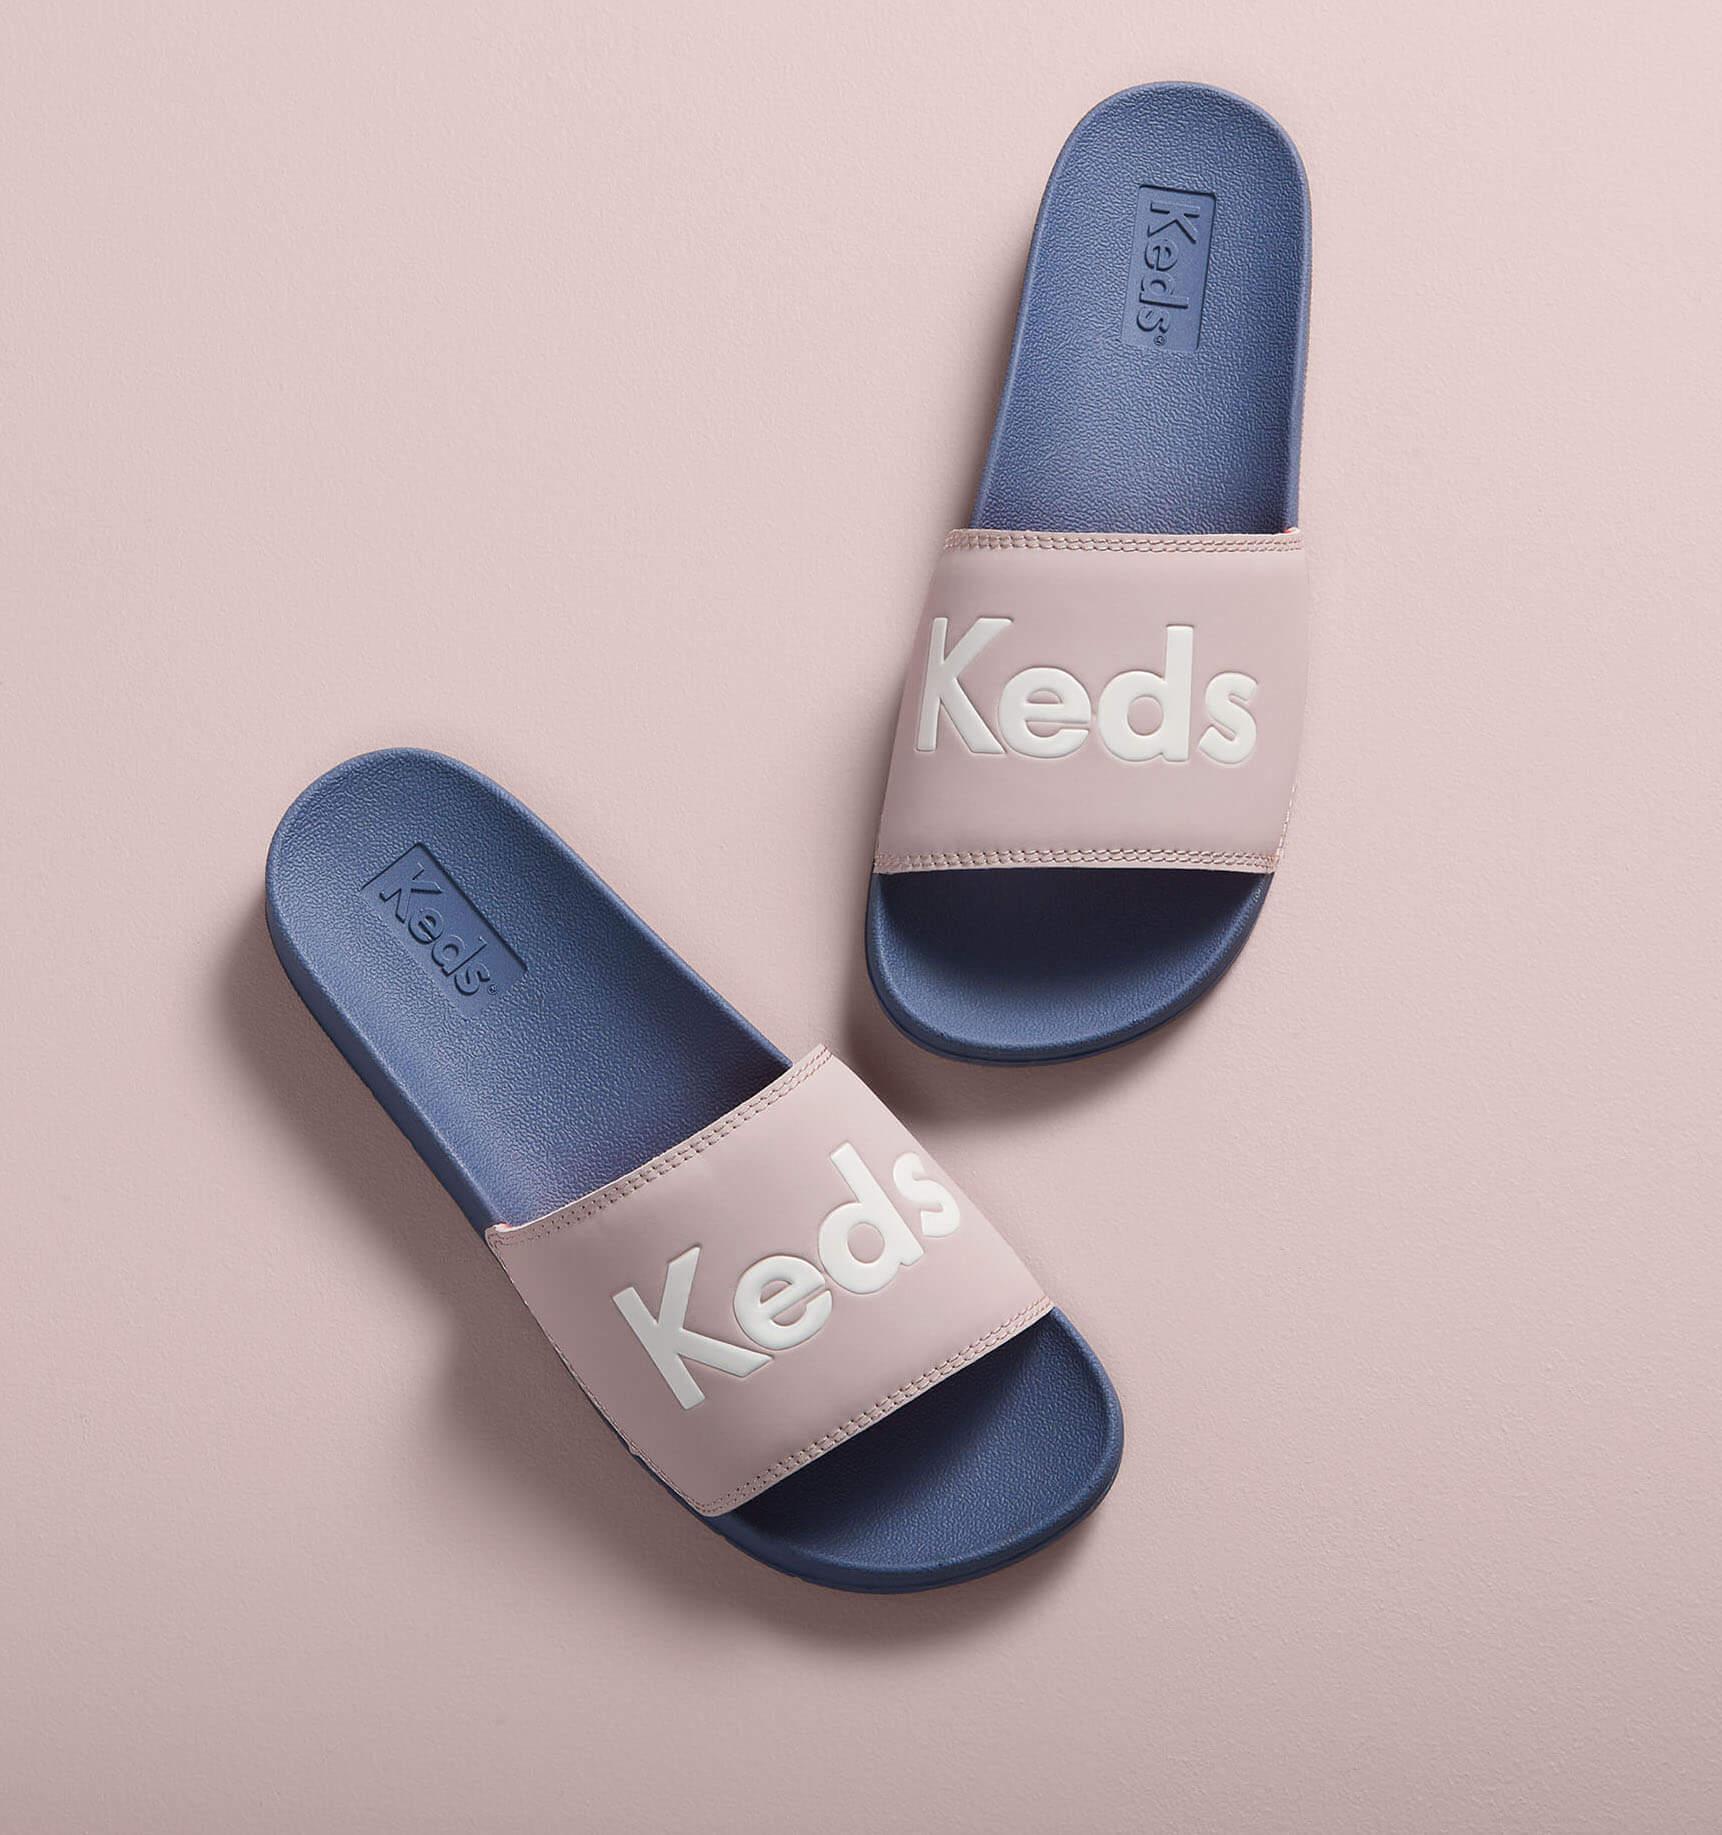 KEDS_SITE003